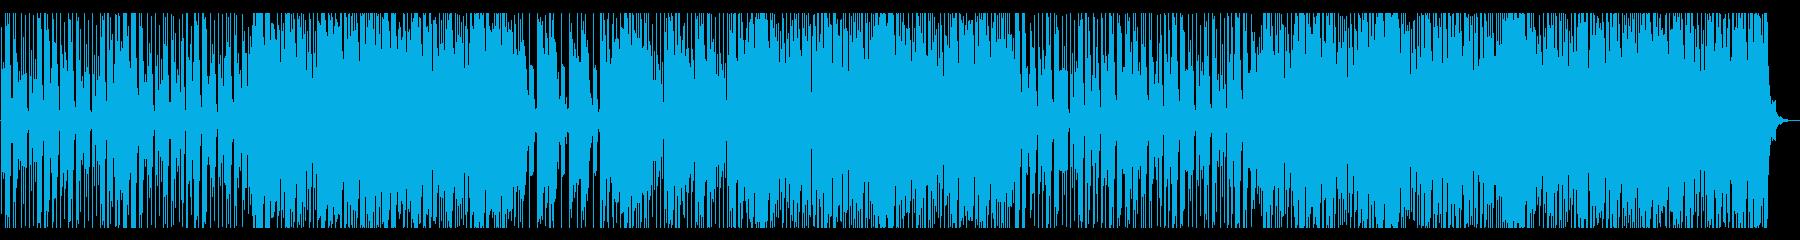 爽やかで浮遊感のあるハウス風BGMの再生済みの波形